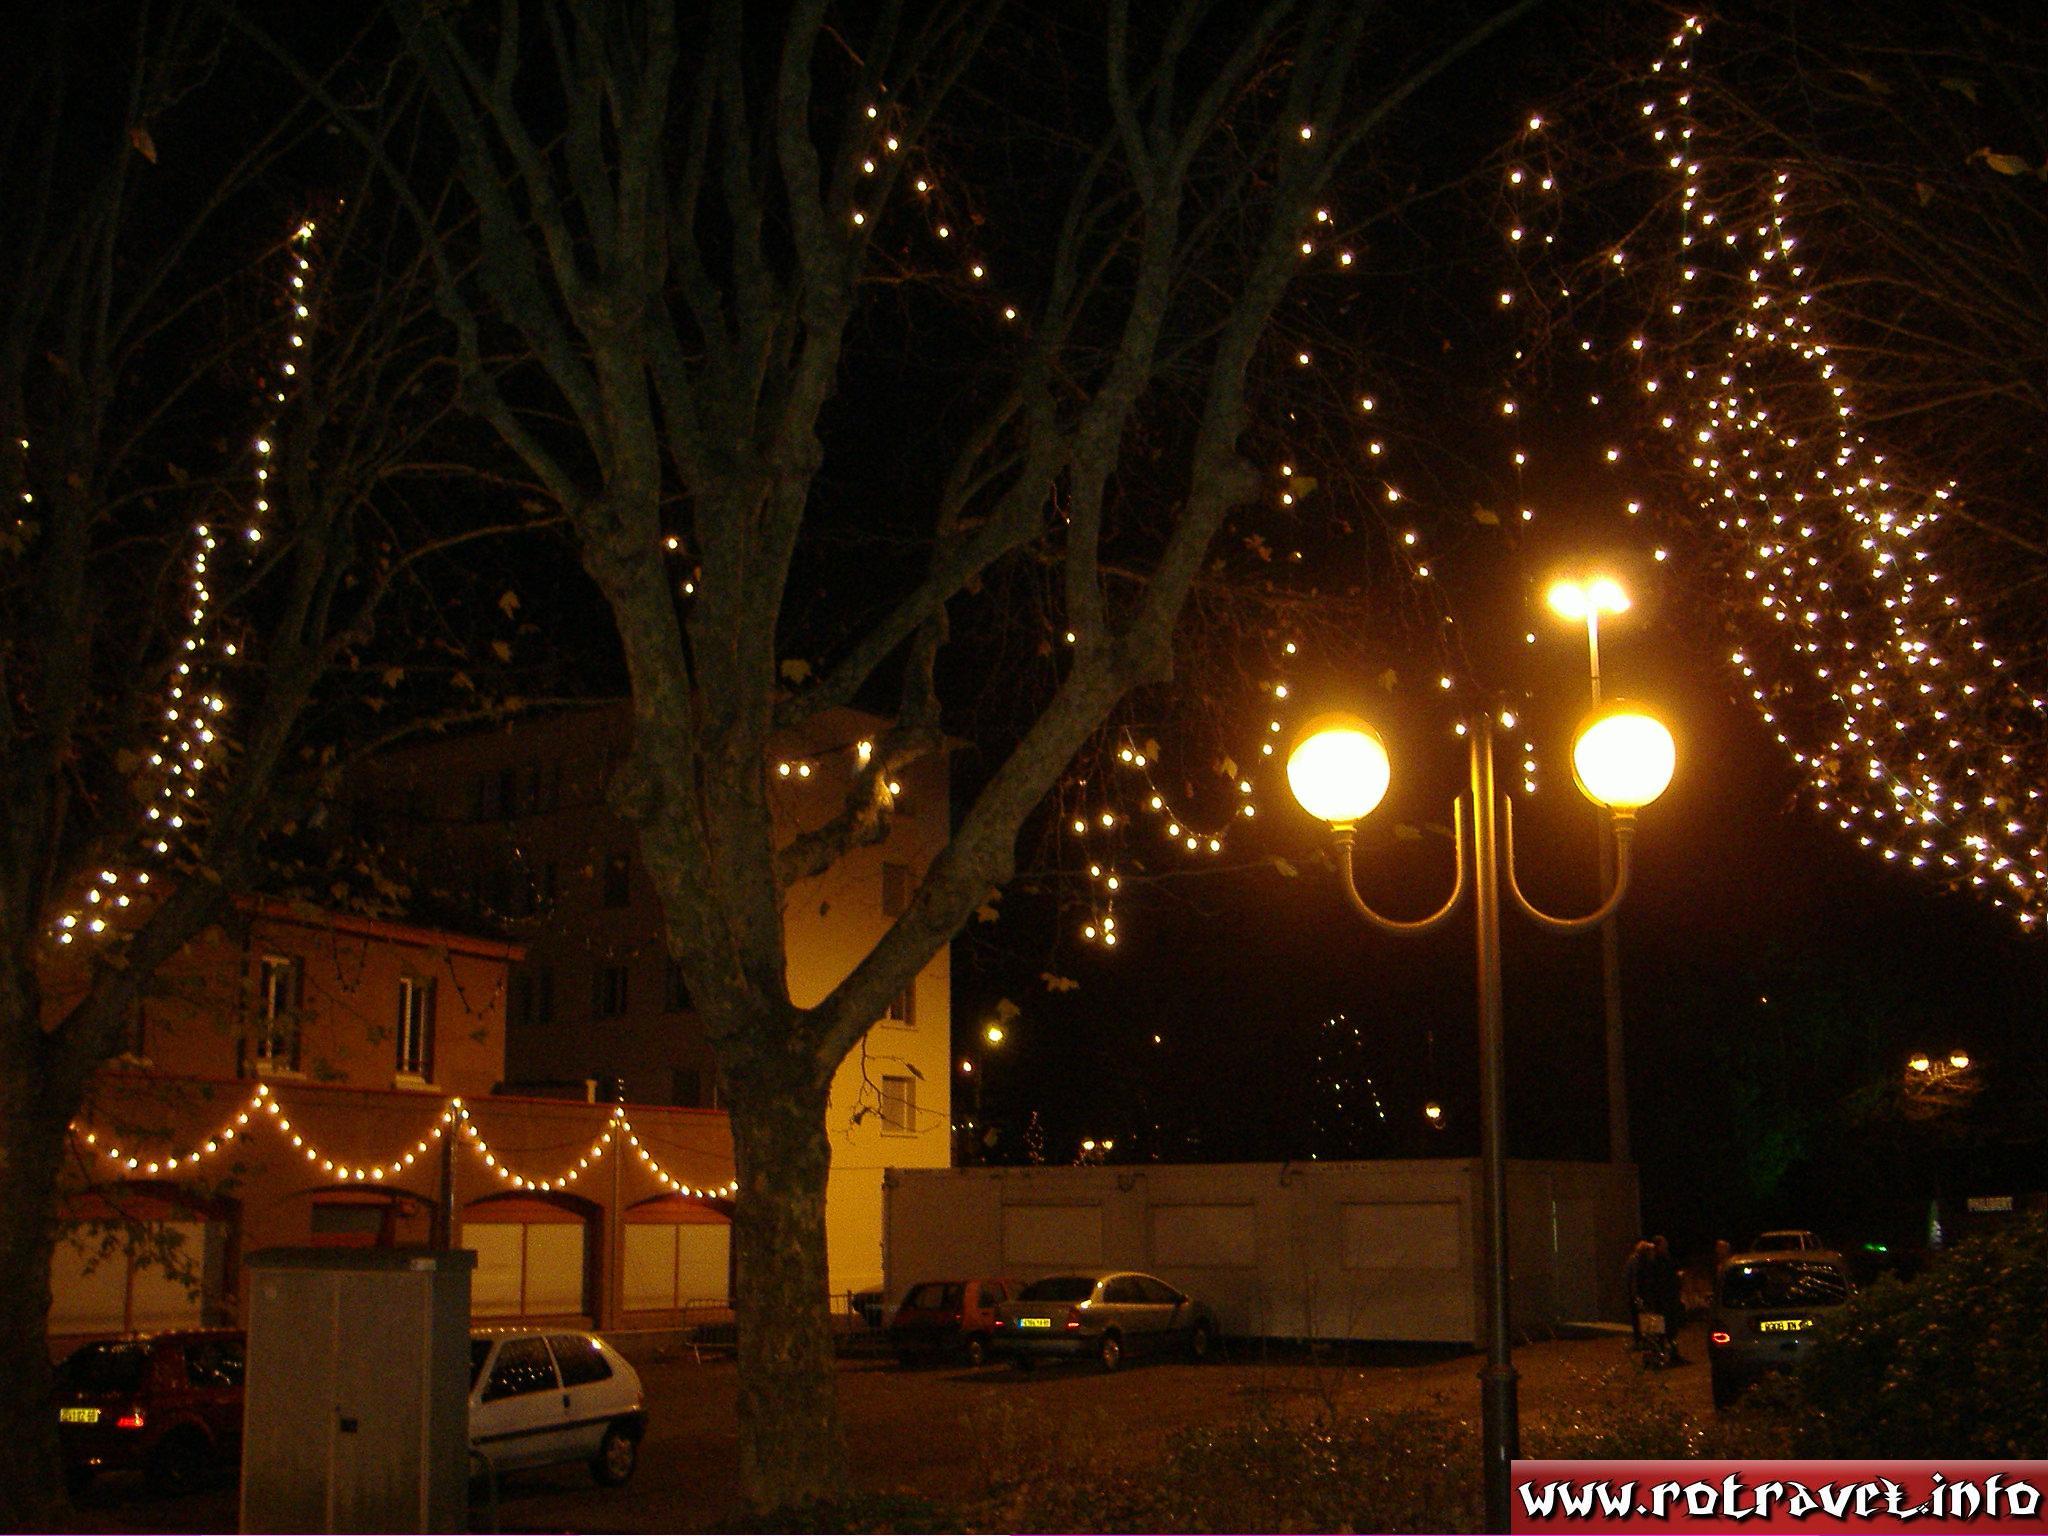 Charbonnières-les-Bains in night...